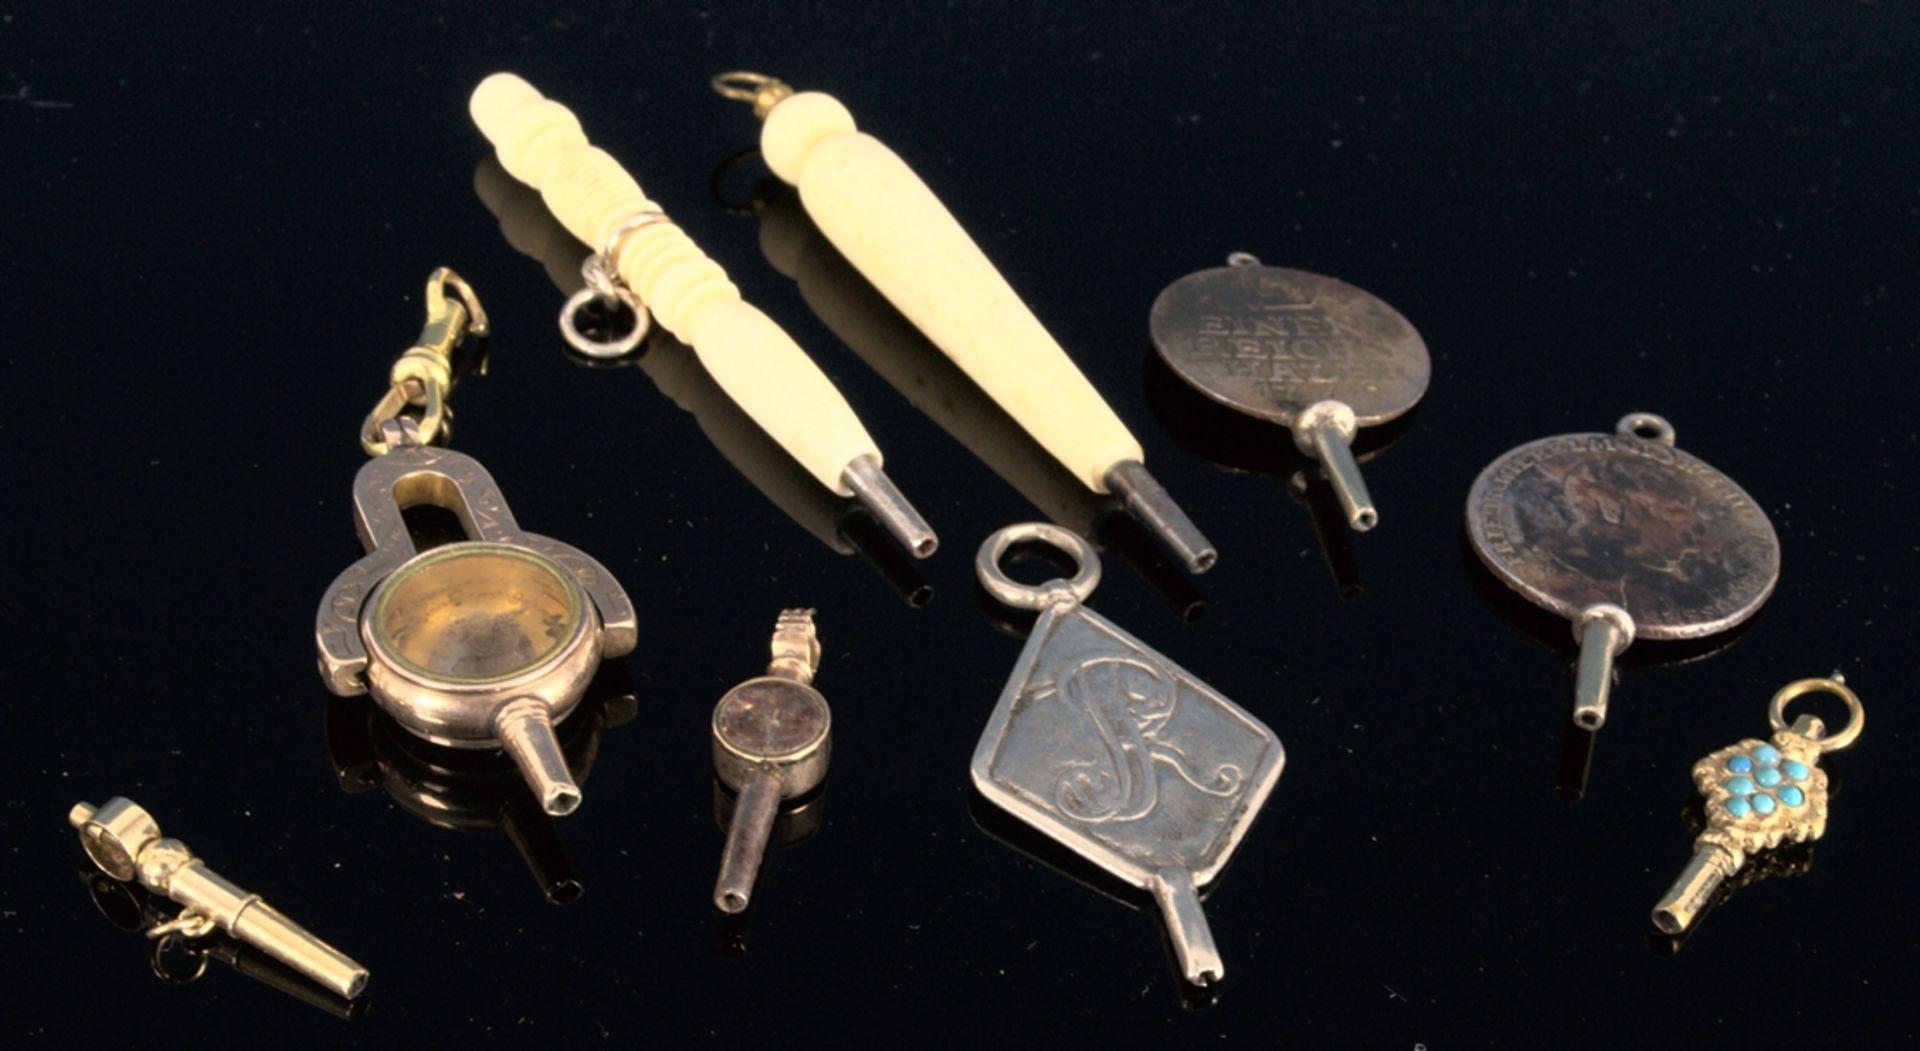 9teilige Sammlung versch. Taschenuhrenschlüssel, überwiegend 19. Jhd. Versch. Alter, Größen,